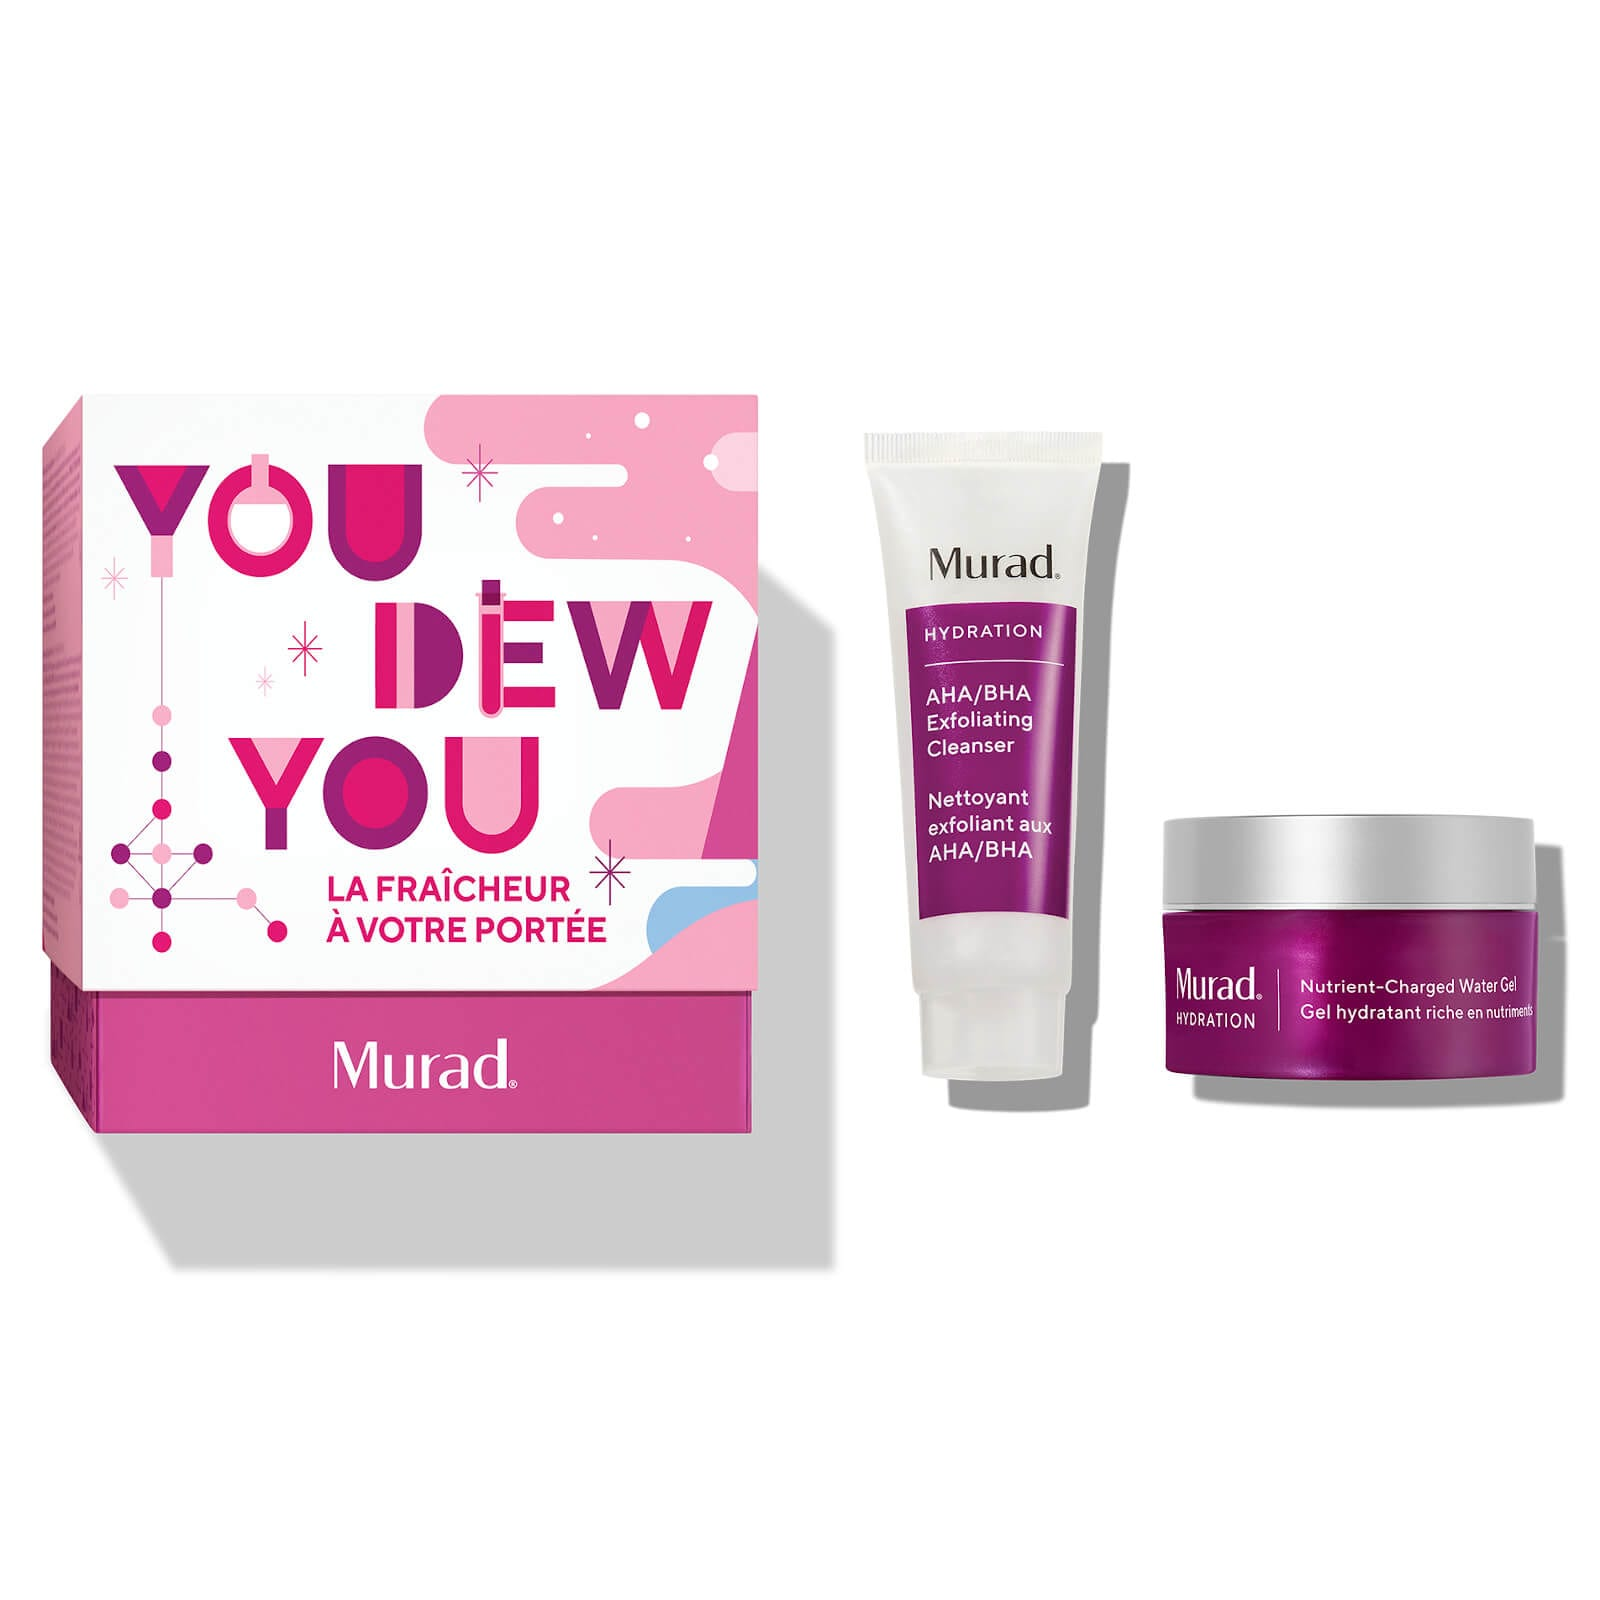 Murad 'You Dew You' Christmas Kit